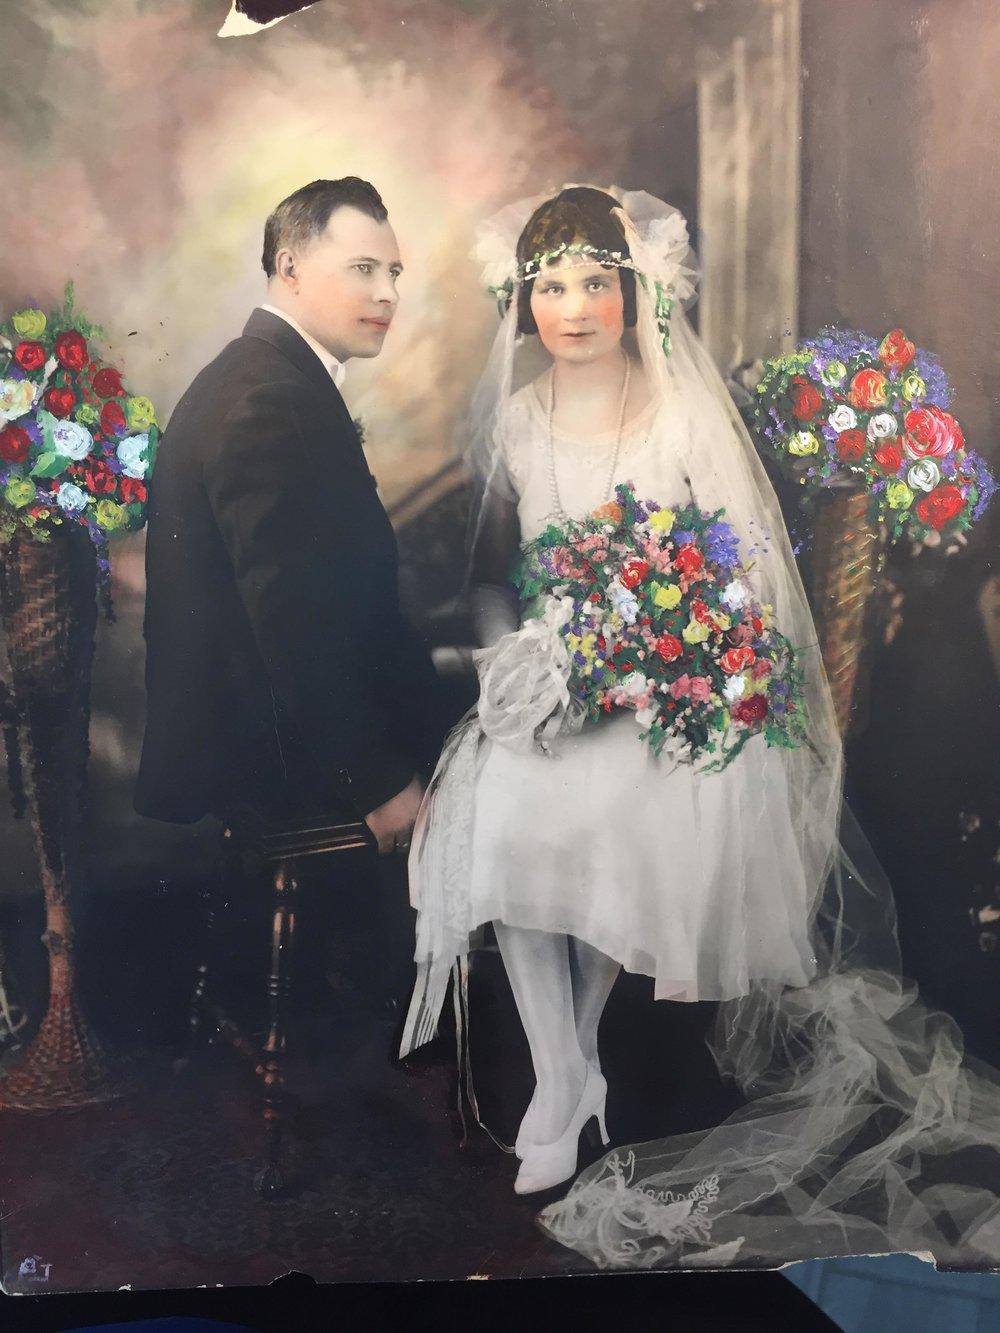 Odysseus Giokas and Dimitra Elissavitis 1/6/1926